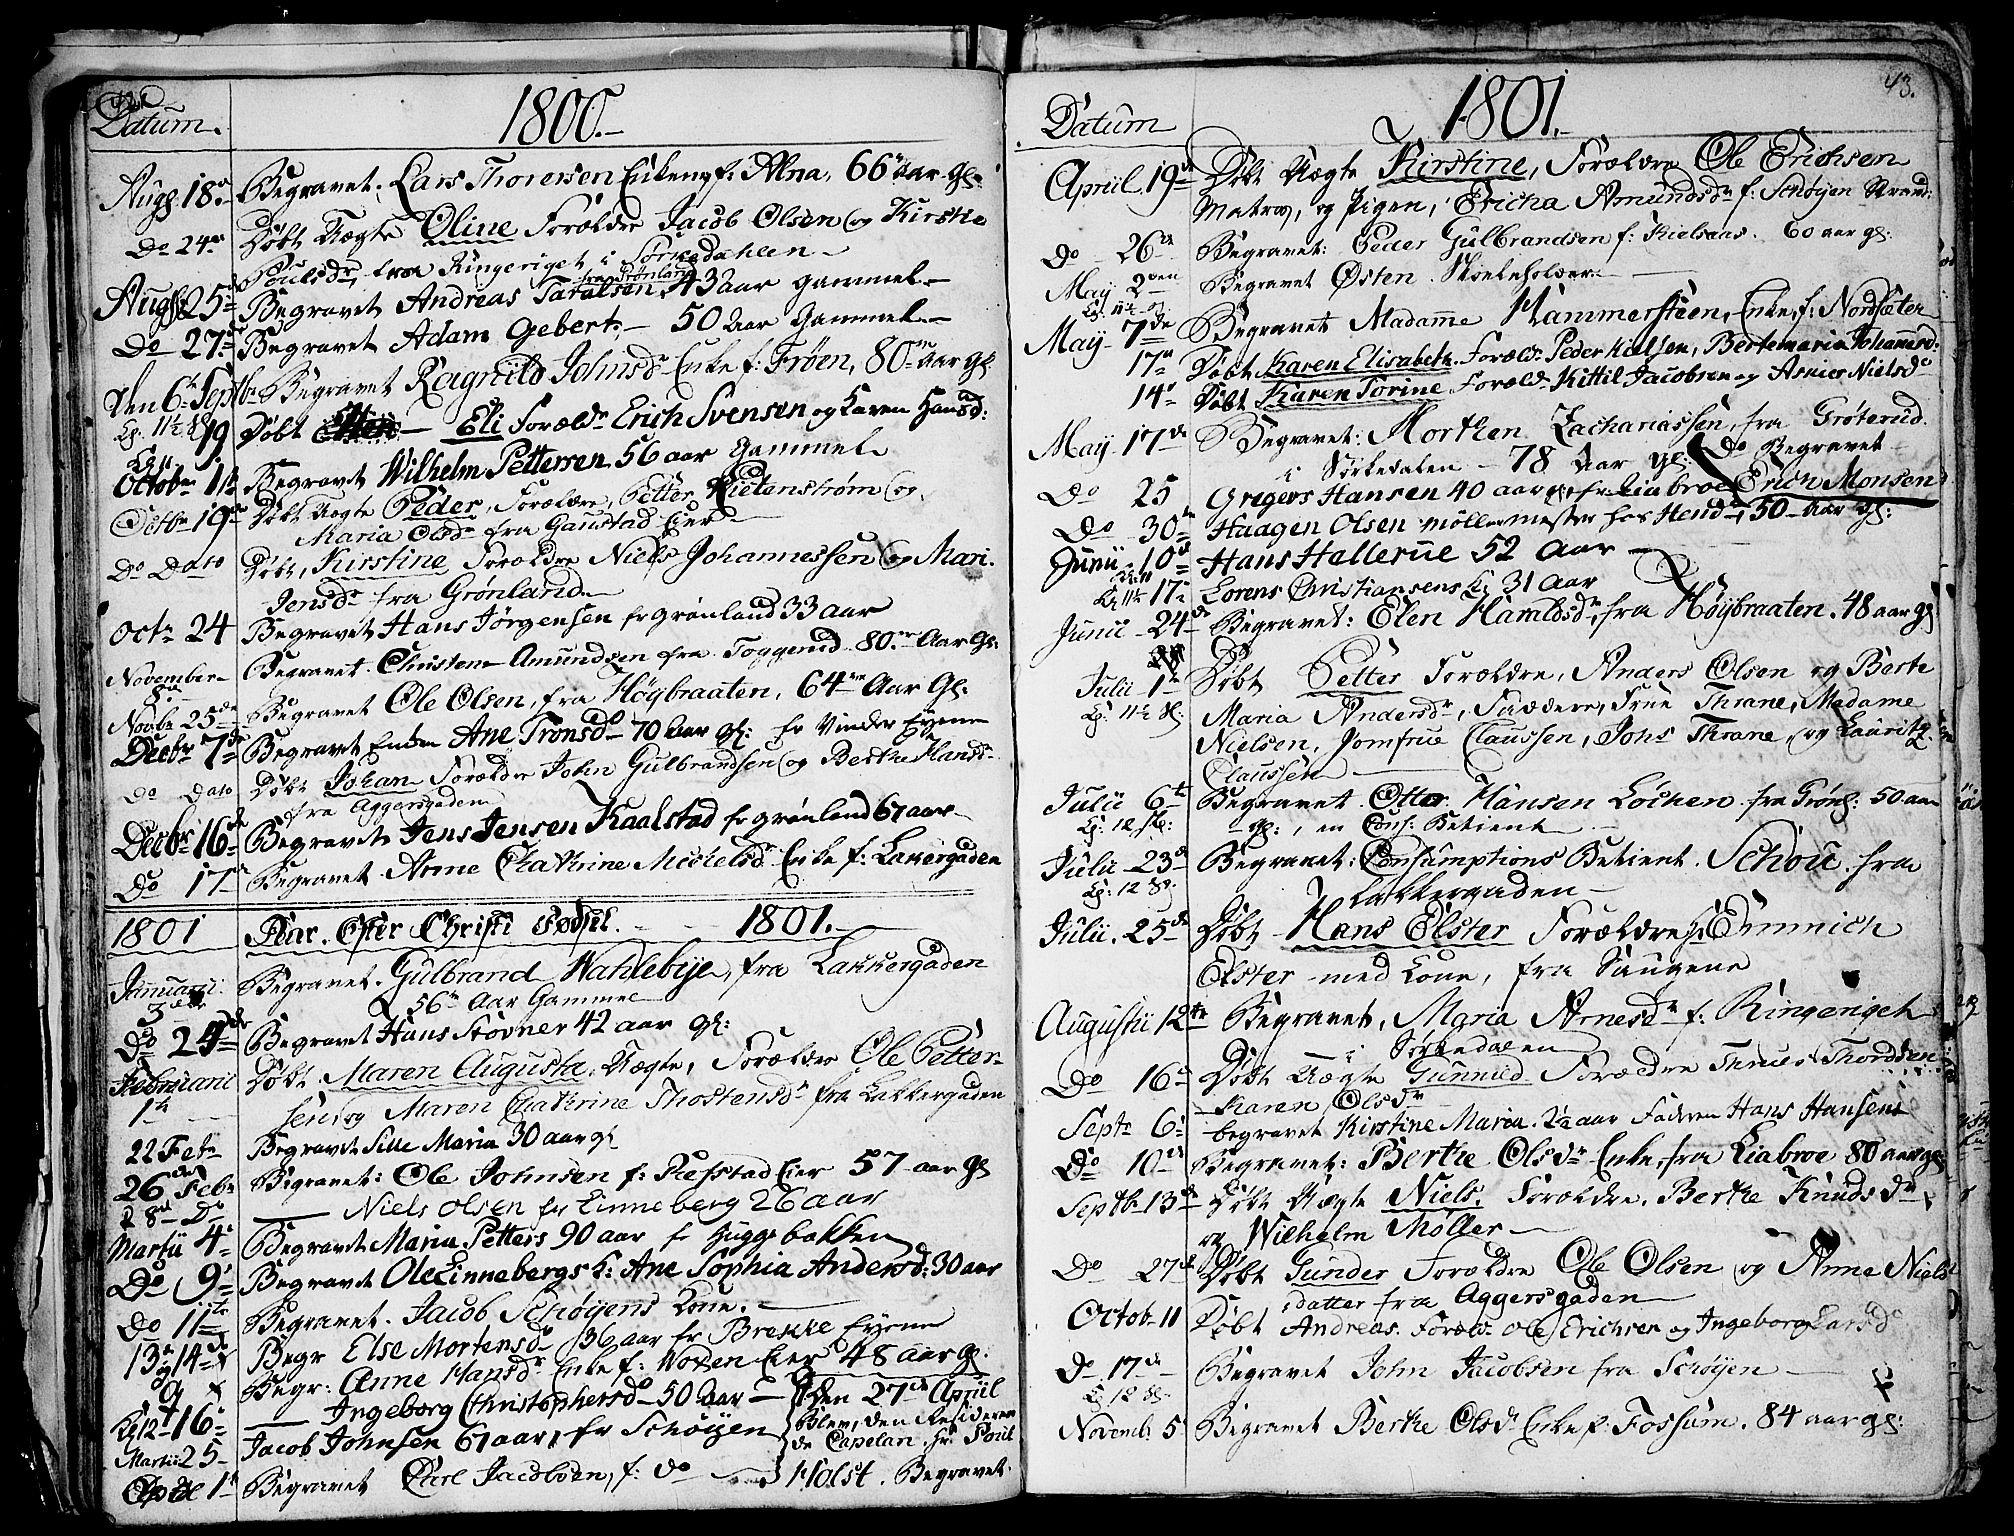 SAO, Aker prestekontor kirkebøker, G/L0001: Klokkerbok nr. 1, 1796-1826, s. 42-43